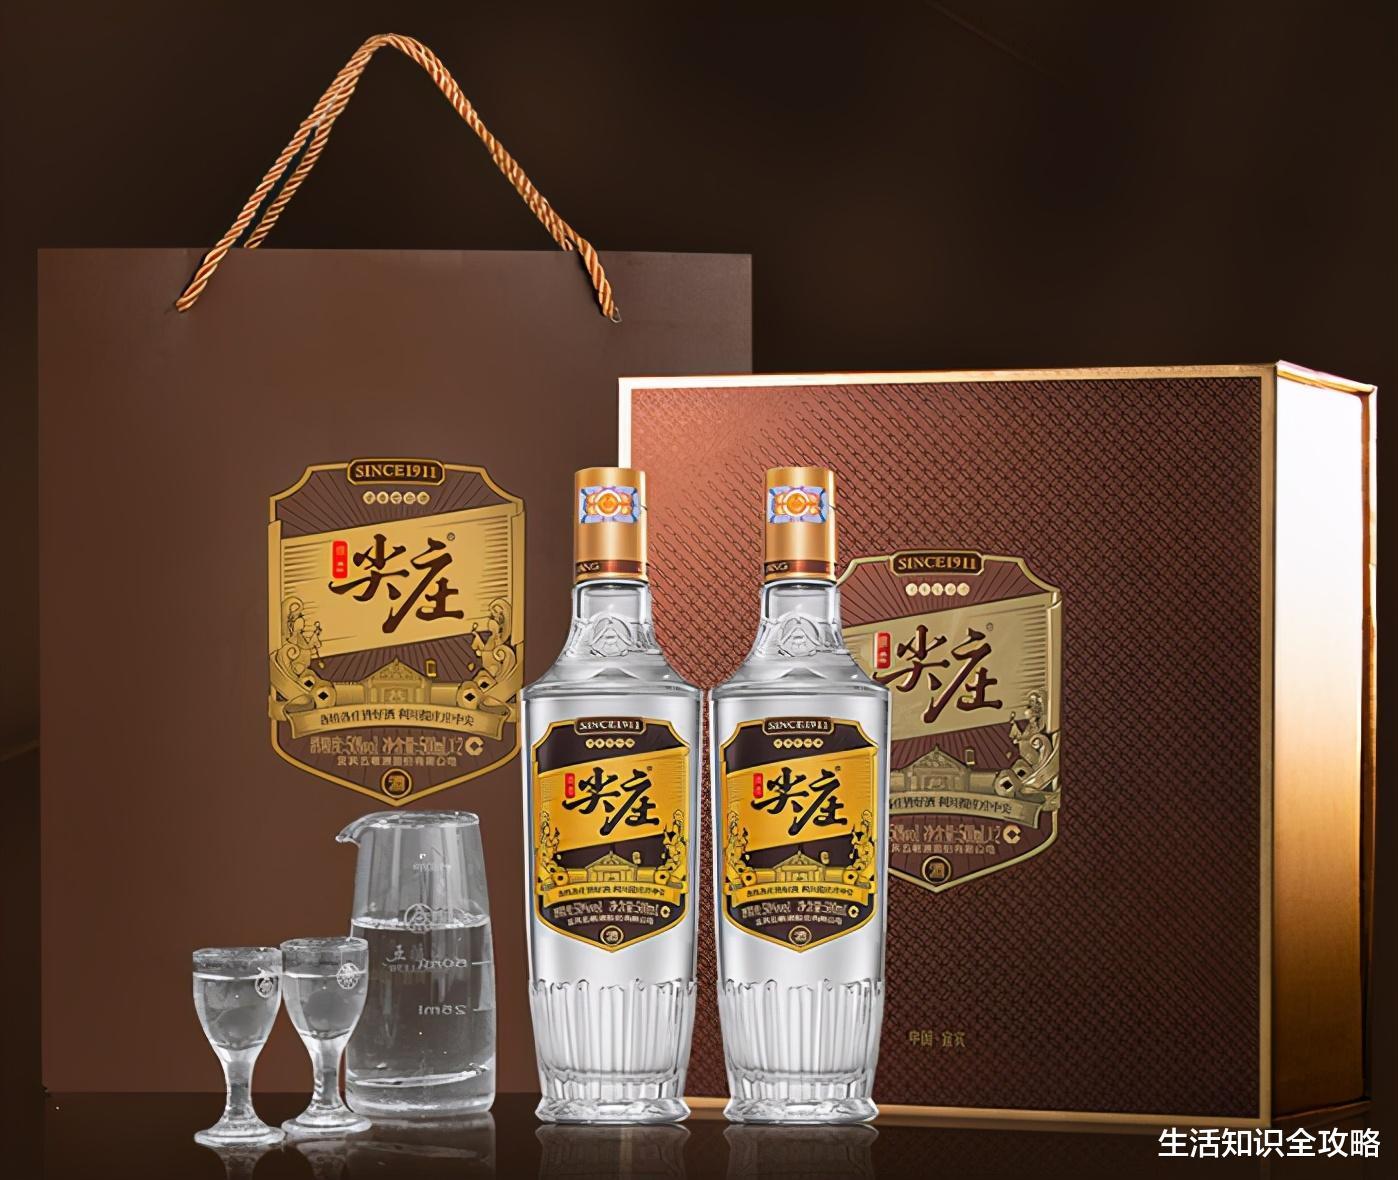 中國尷尬酒,80年代前有錢人才喝,現在低價倉庫沒有人碰-圖9